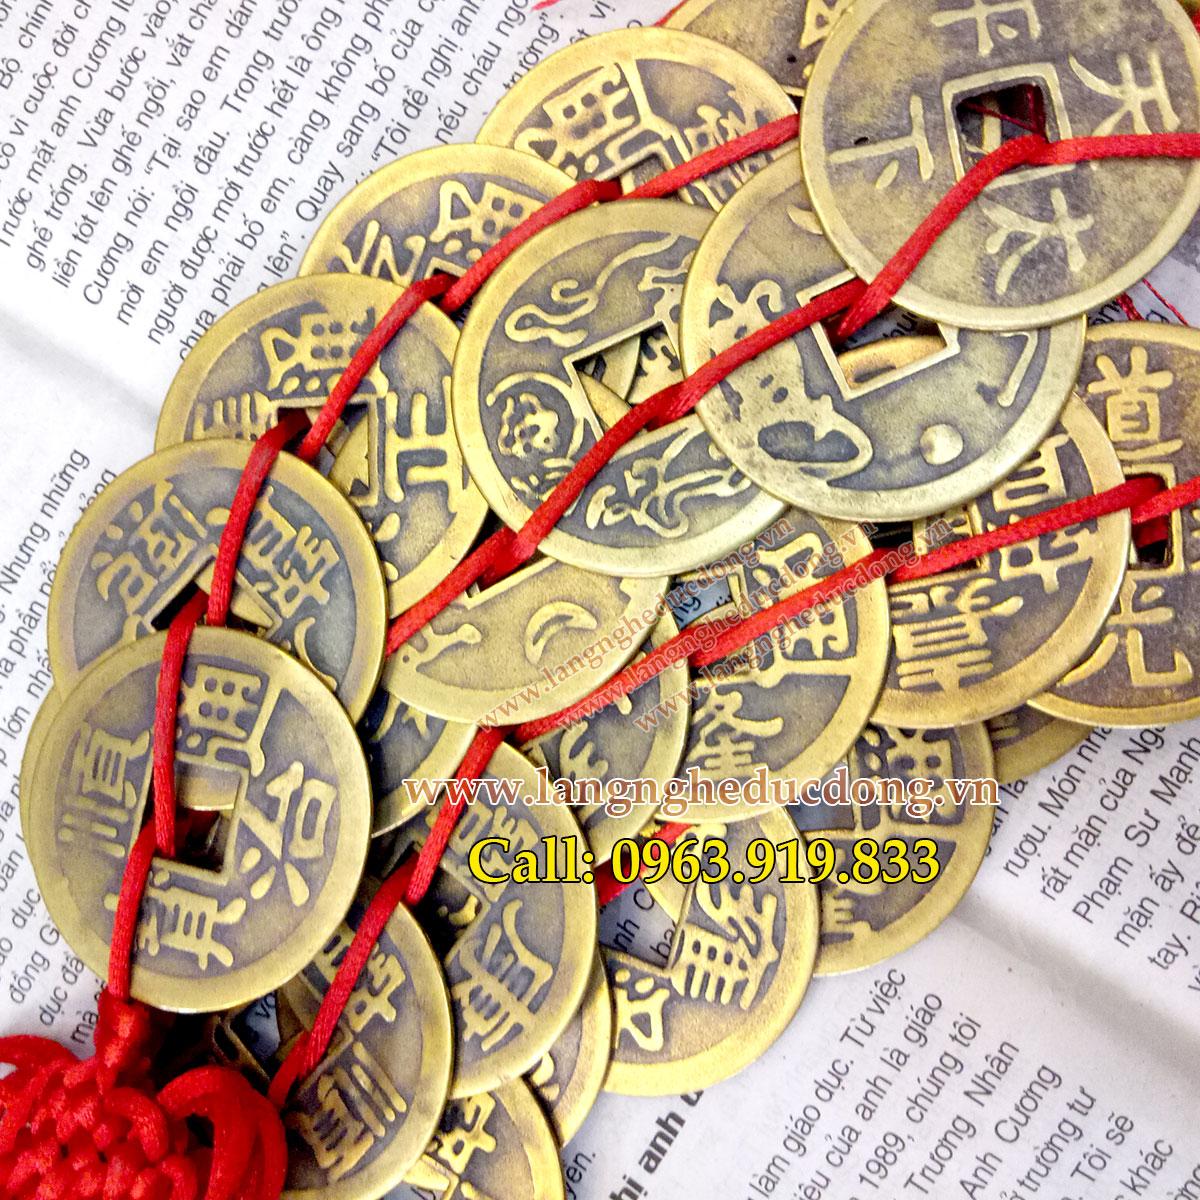 langngheducdong.vn - tiền xu, tiền lục đế, tiền xu bằng đồng, tiền xu phong thủy